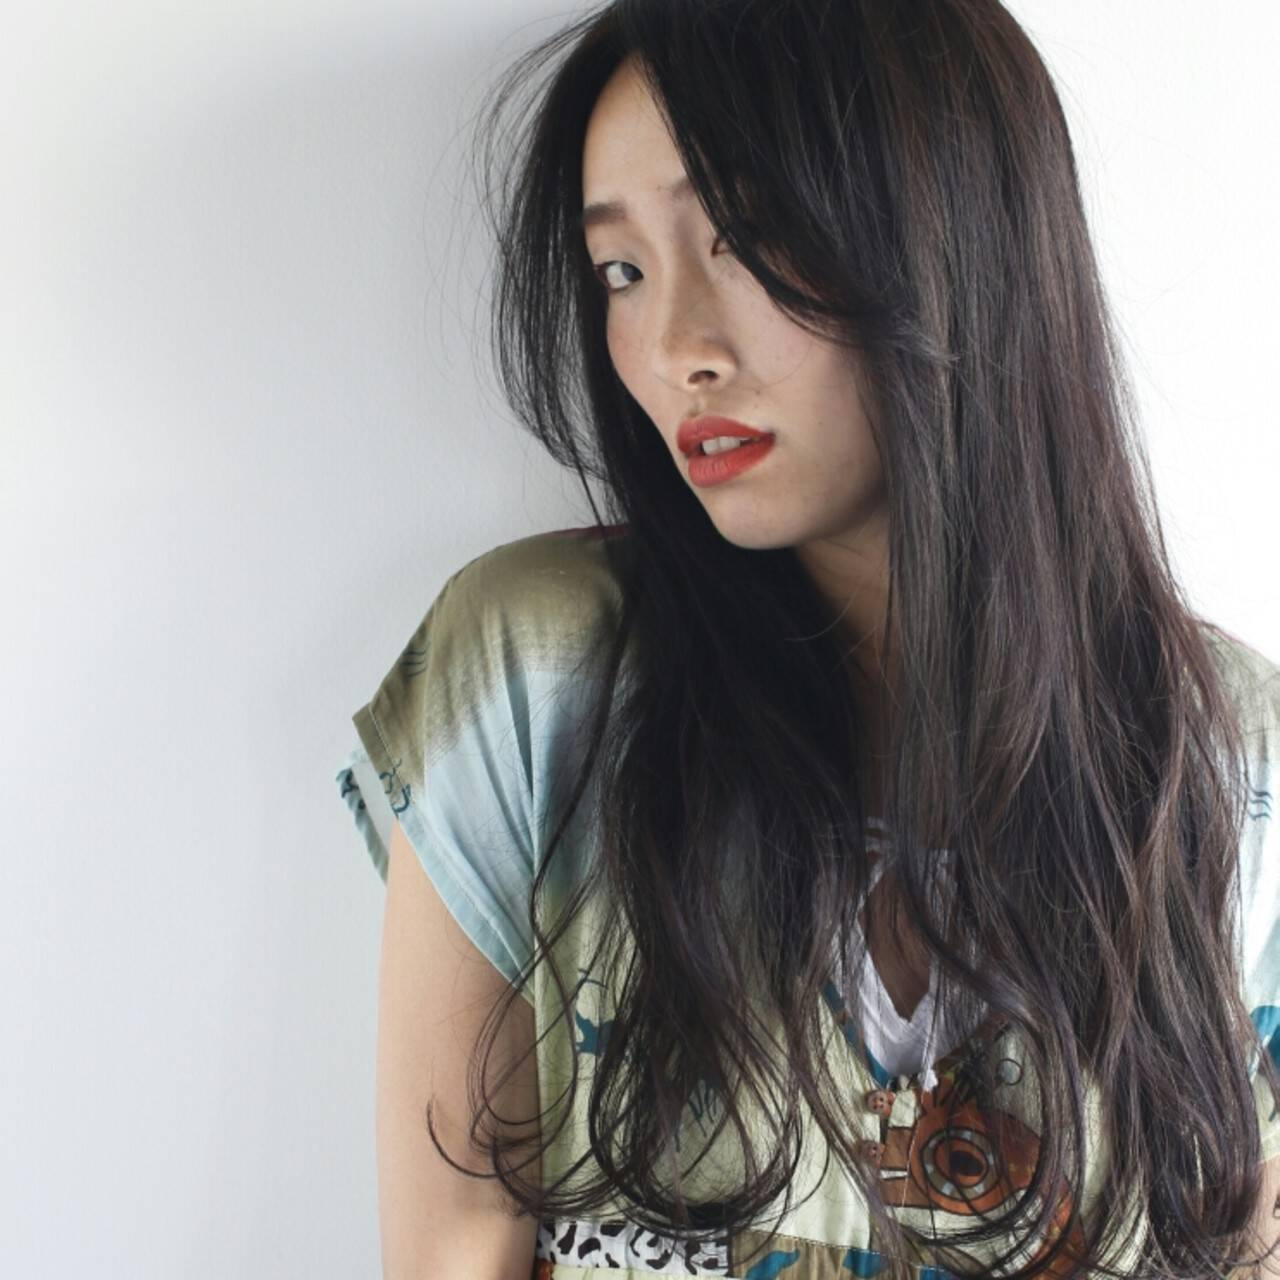 ロング ゆるふわ 外国人風 黒髪ヘアスタイルや髪型の写真・画像